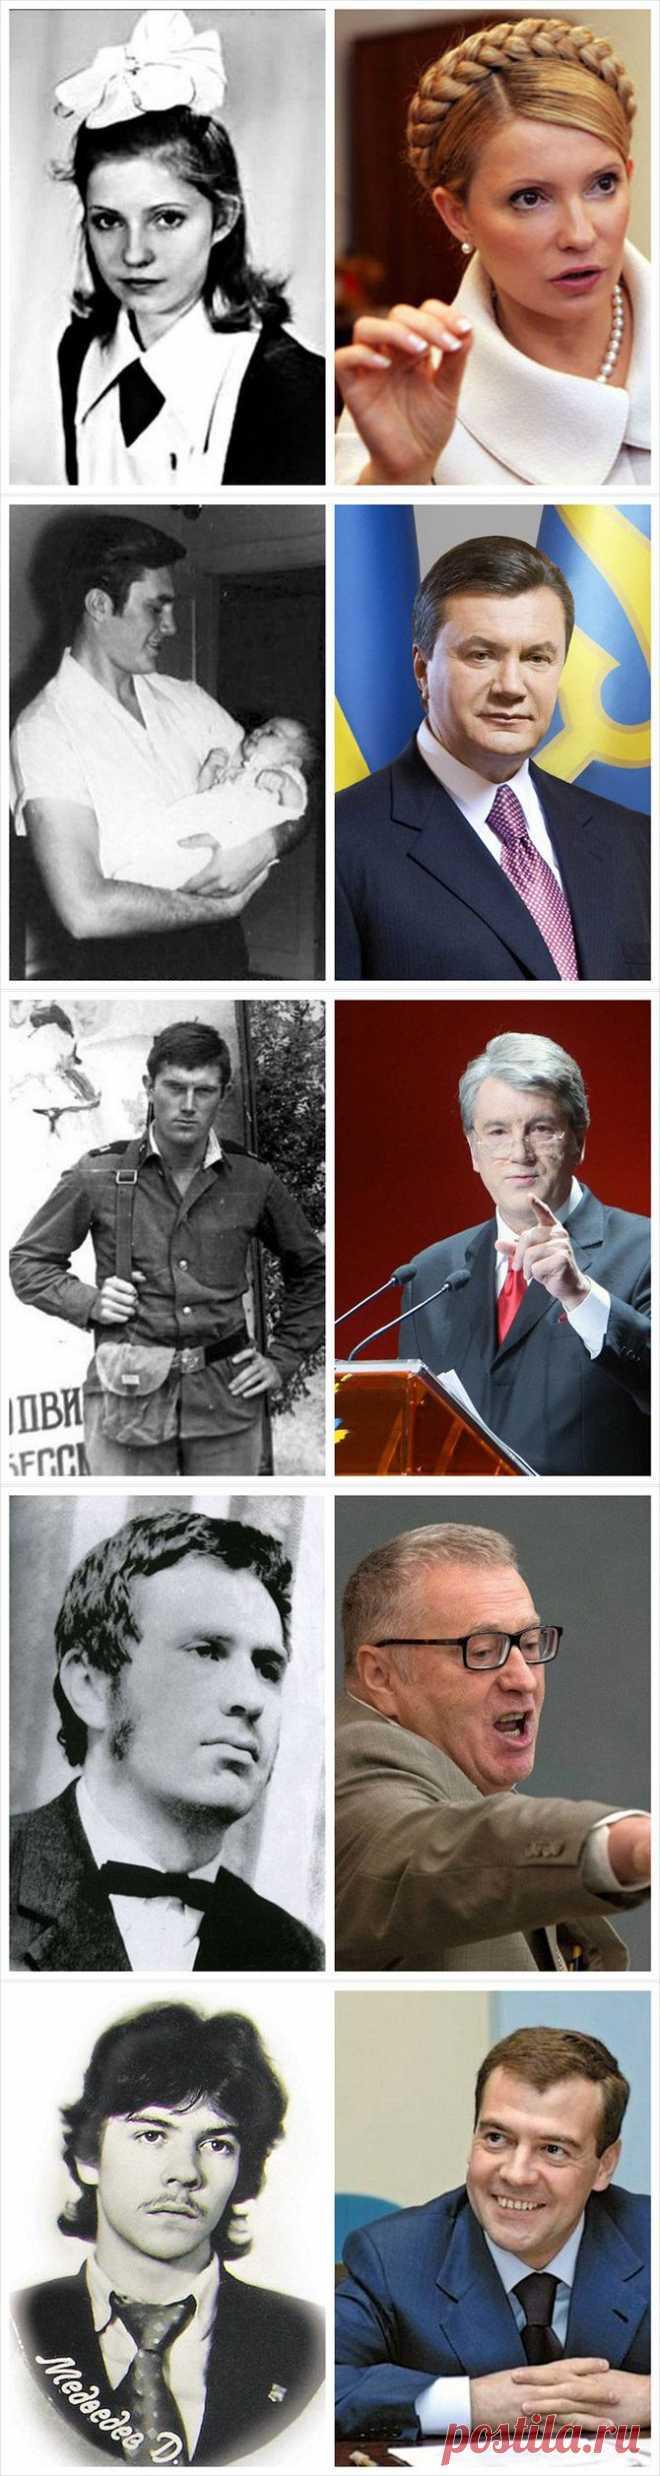 Какими были политики в молодости / Всё самое лучшее из интернета